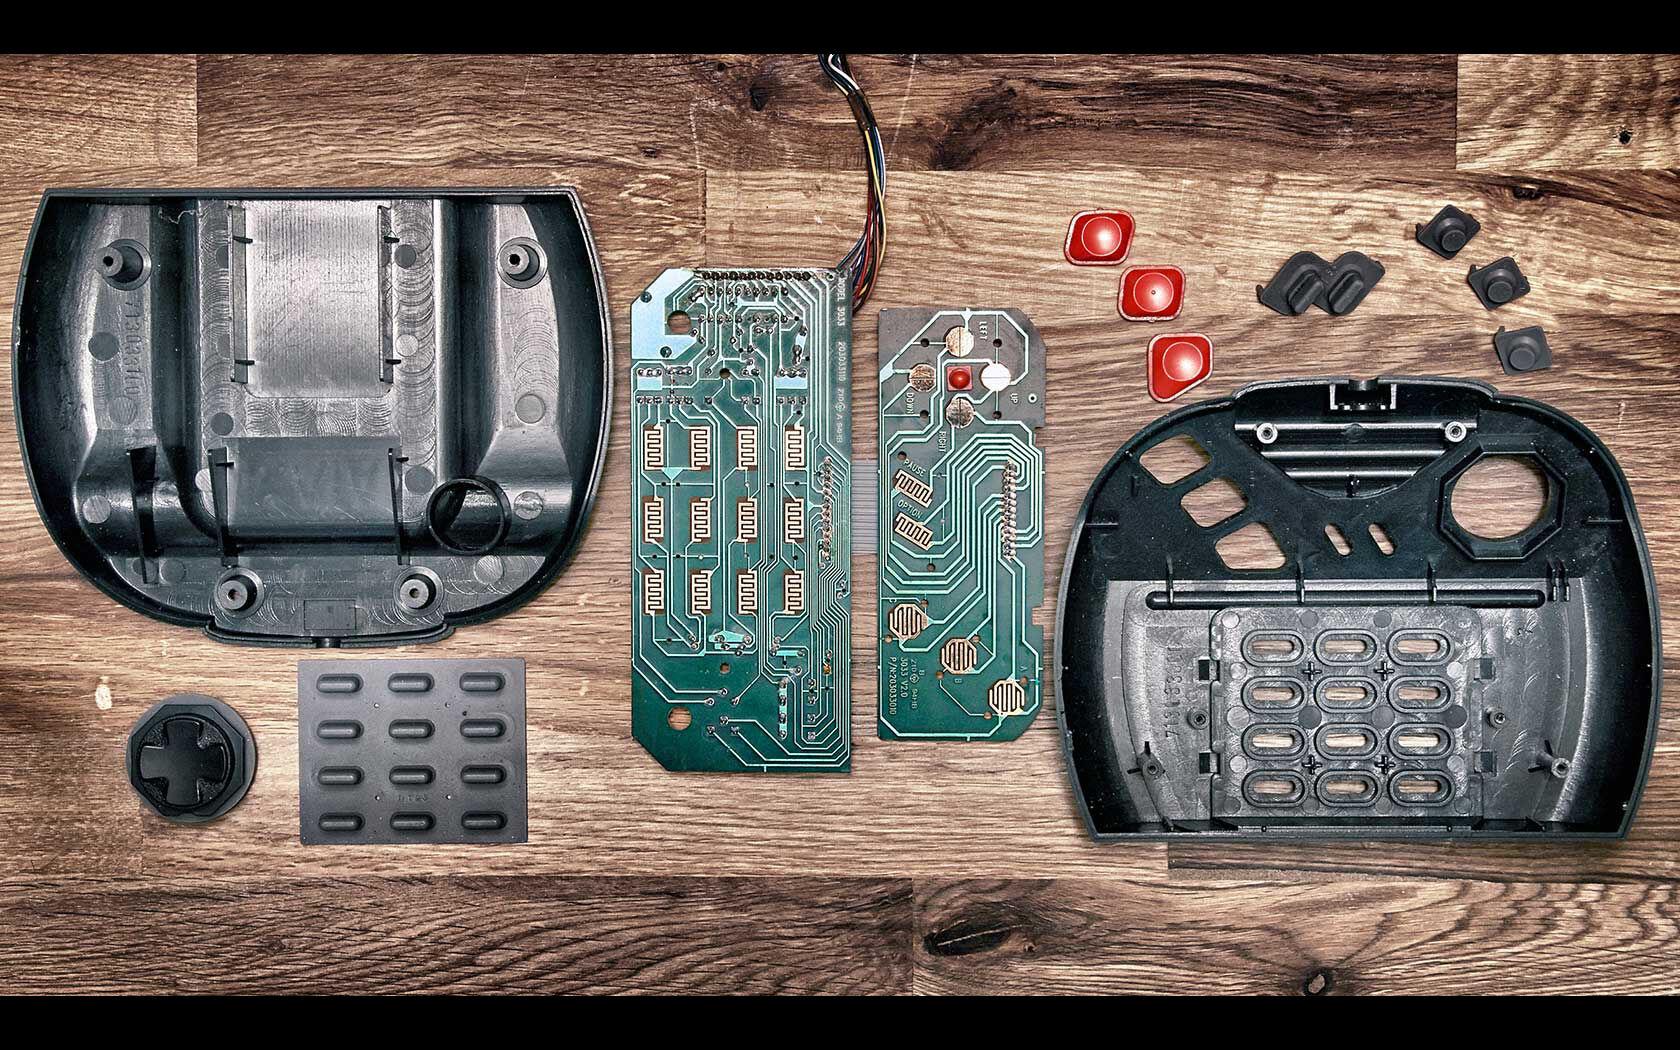 Game Controller 8